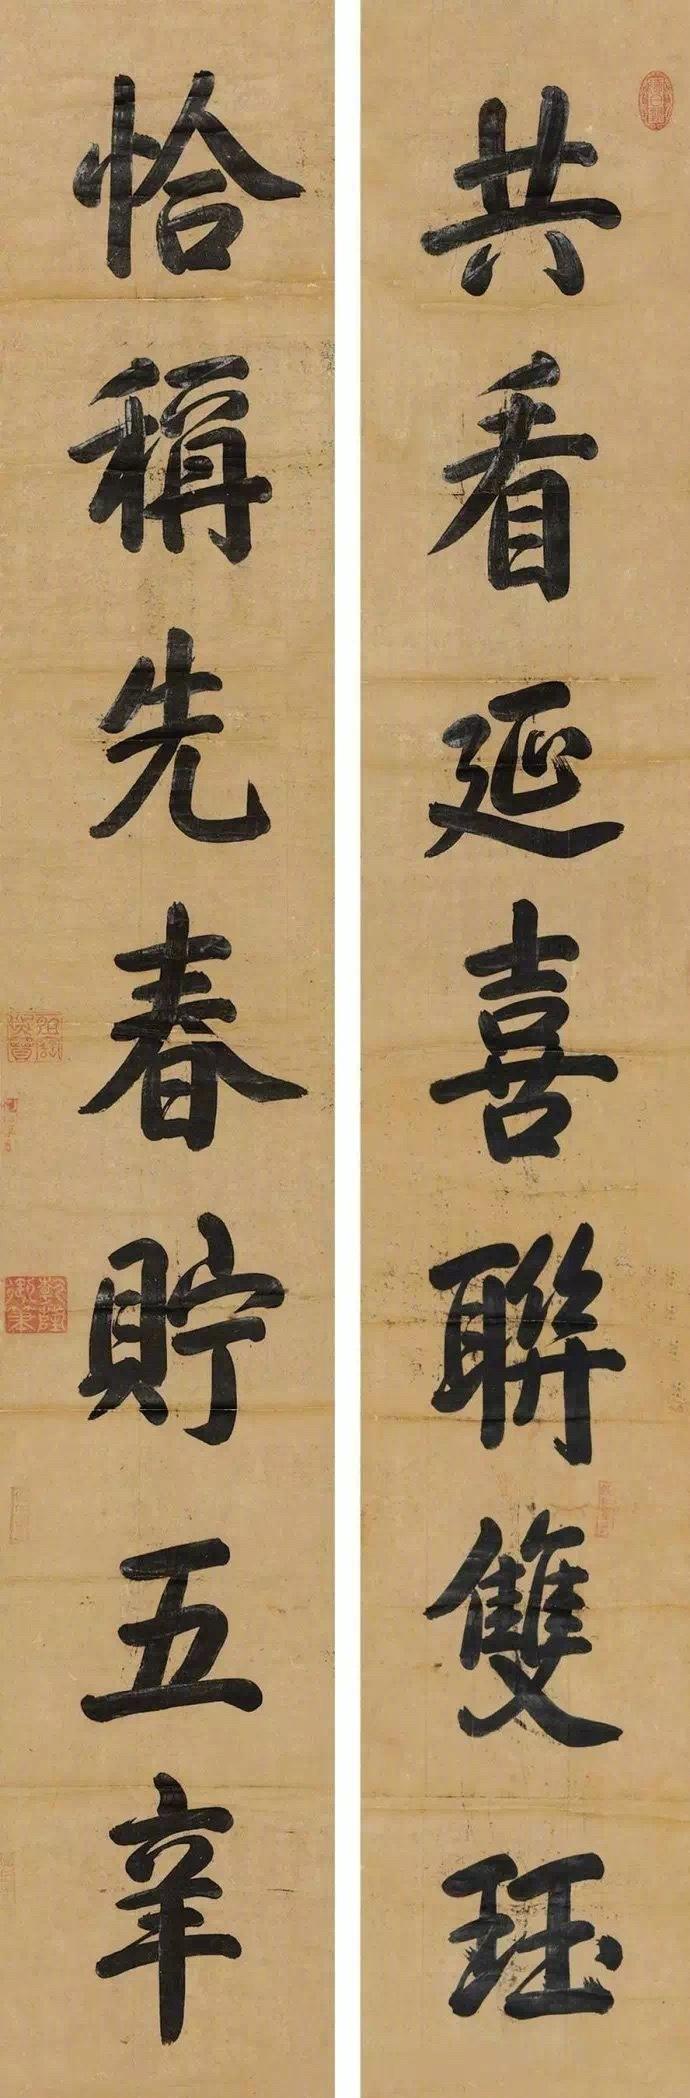 乾隆存世的书法有御批、御览、题匾、立轴、对联等等。